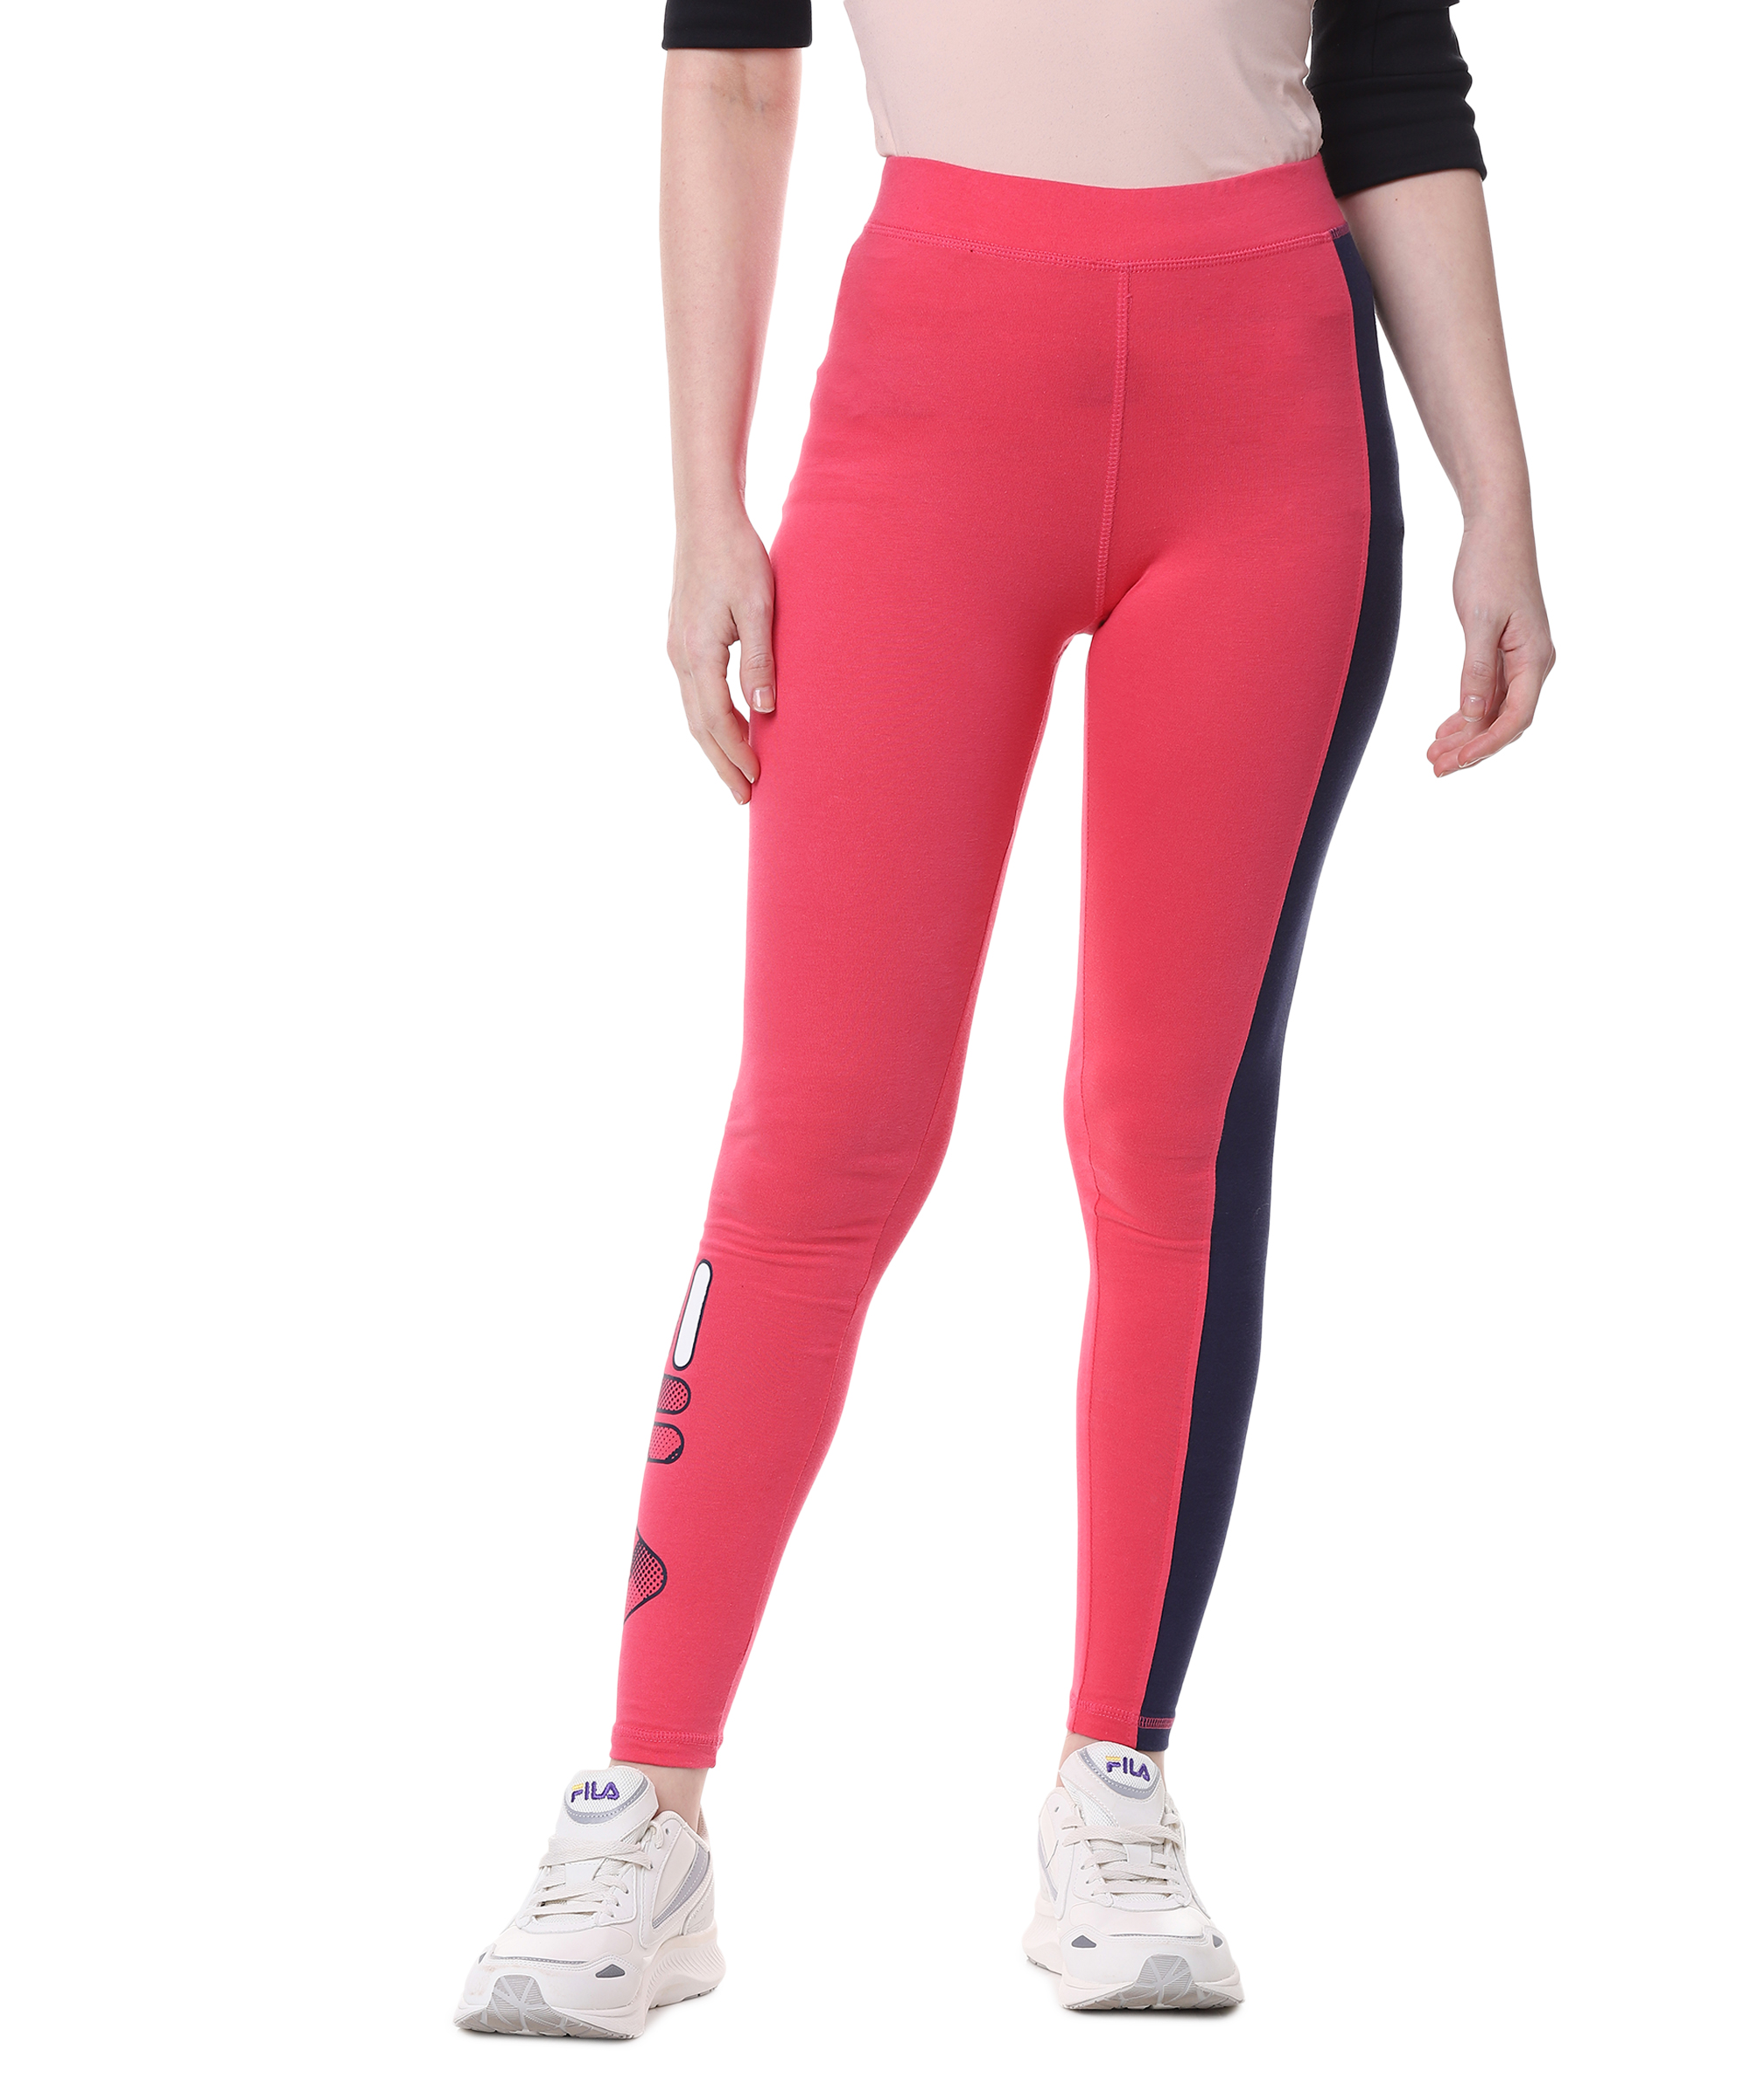 FILA | Red Activewear Leggings